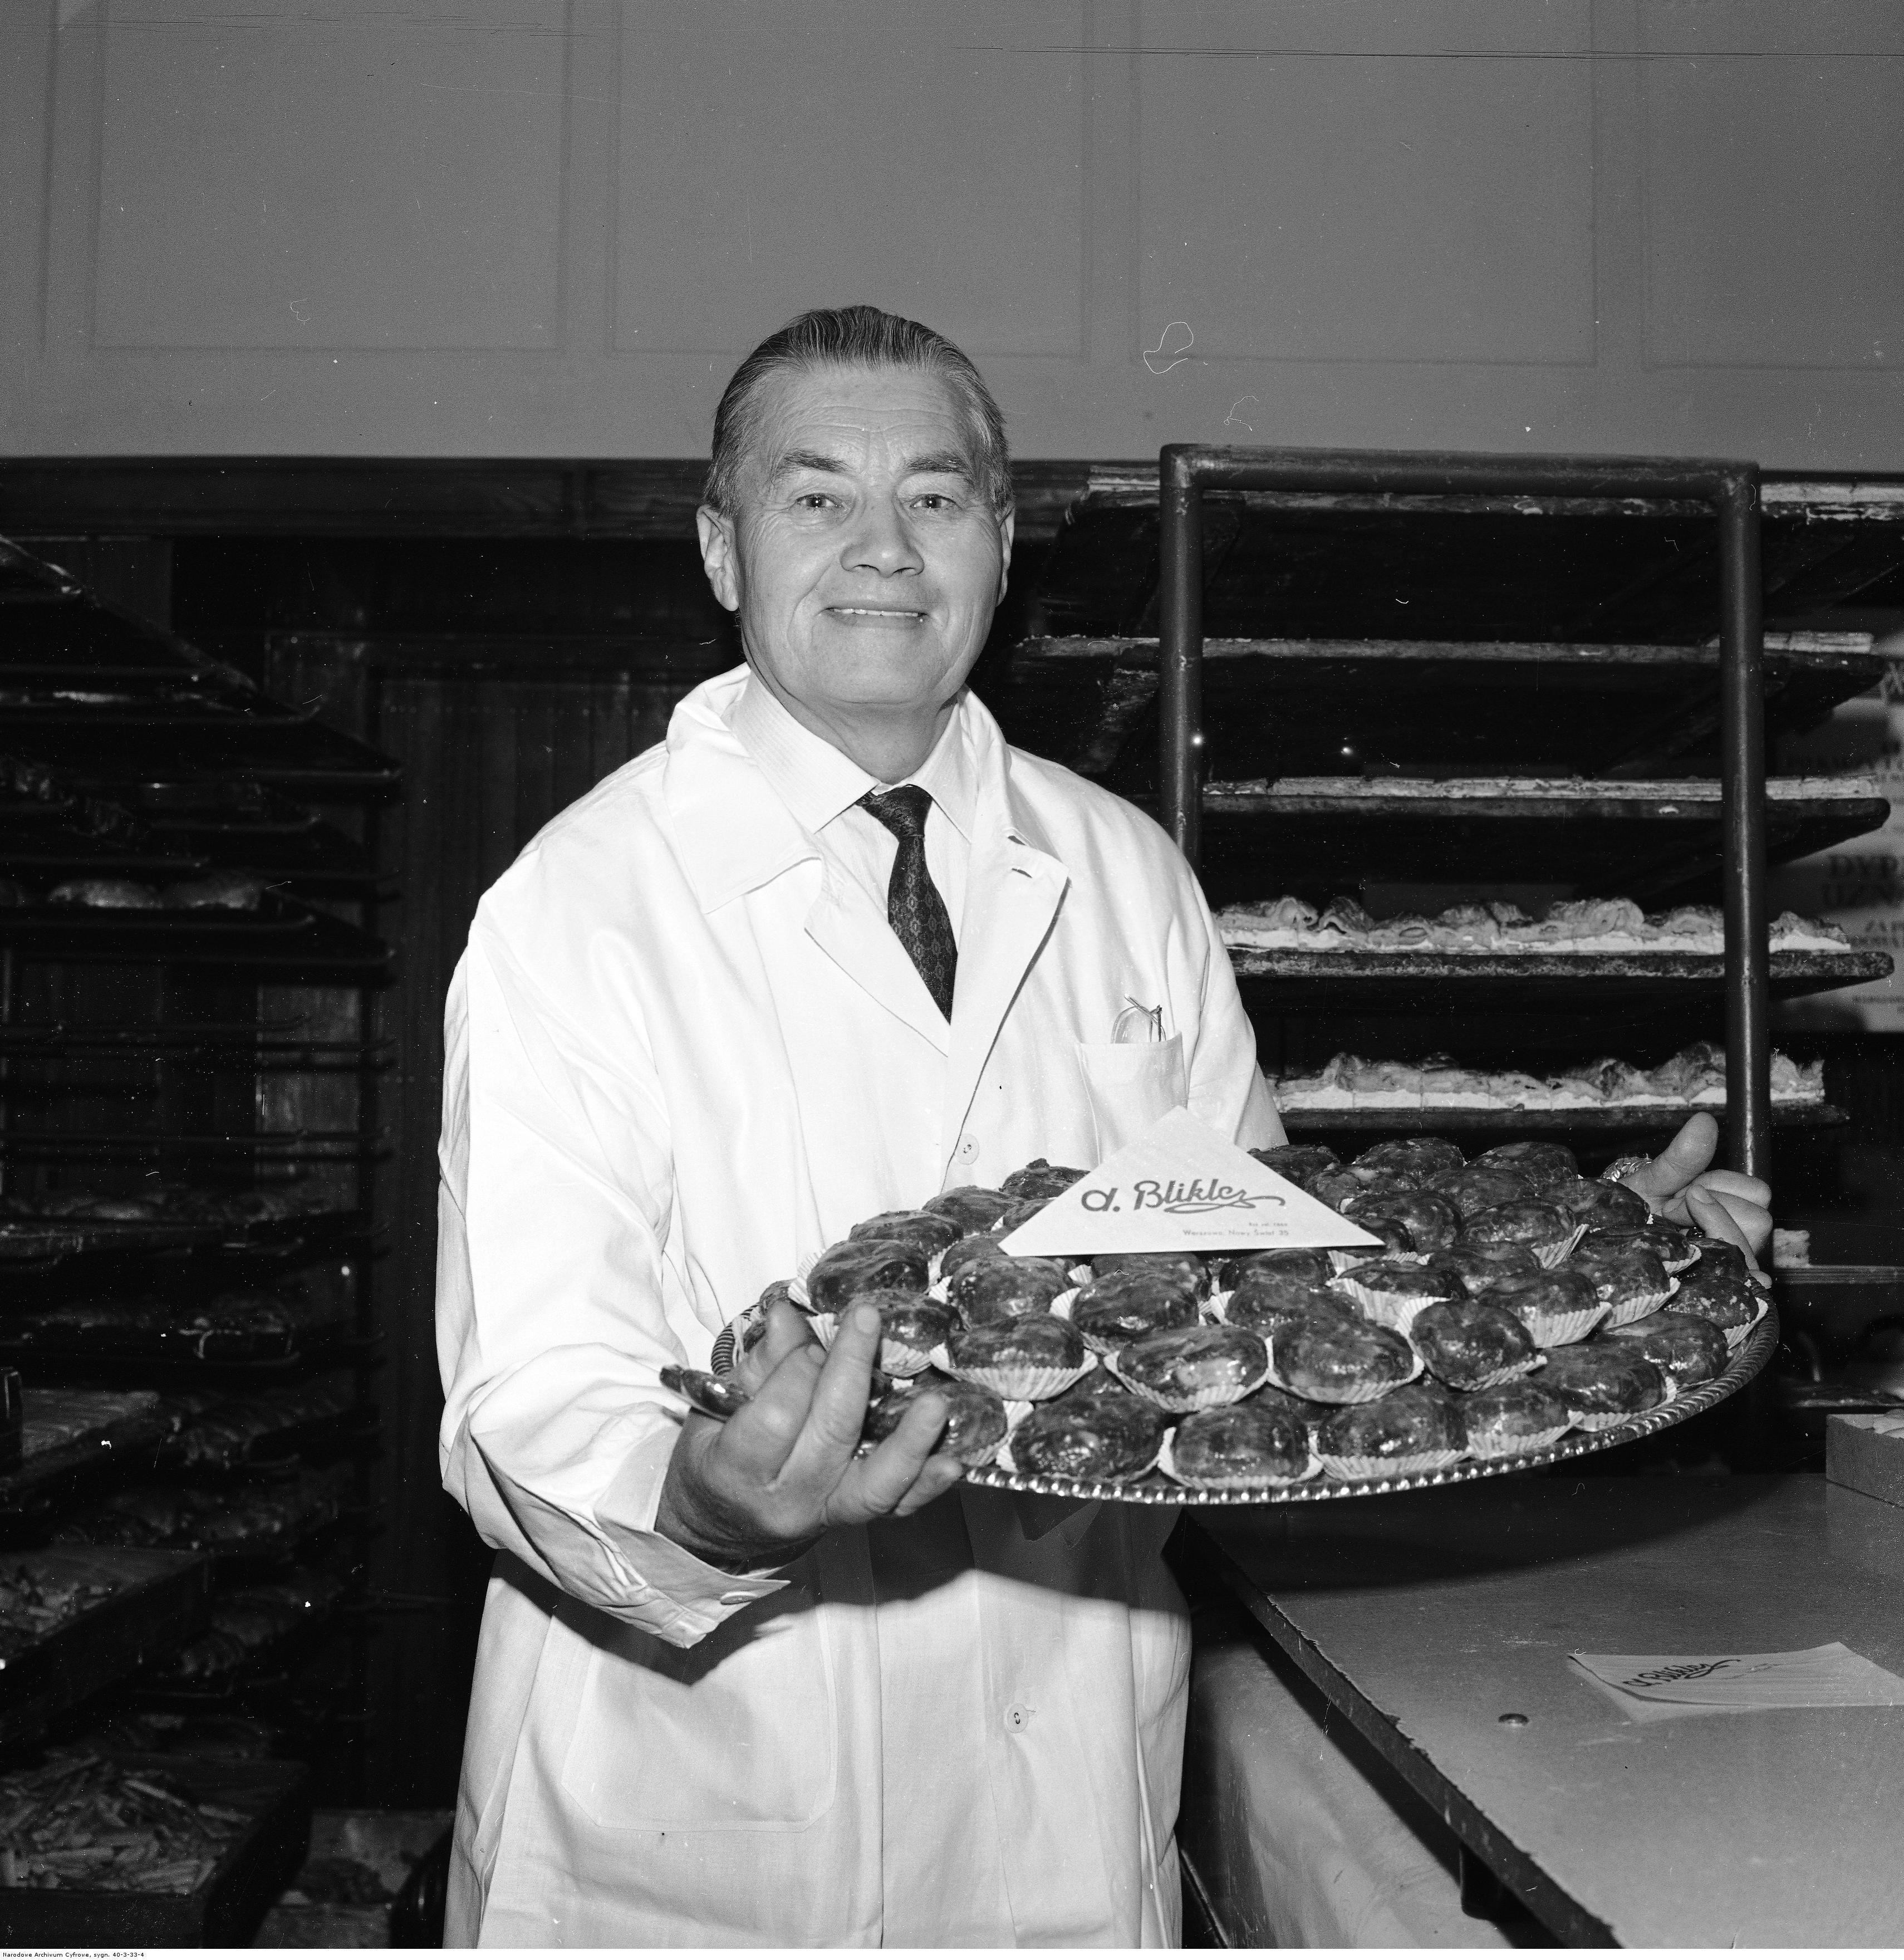 Jerzy Czesław Blikle z tacą pączków w latach 70-tych. Mimo incydentu z aresztowaniem za zakup 15 jajek, nie zrezygnował z prowadzenia swej warszawskiej cukierni.